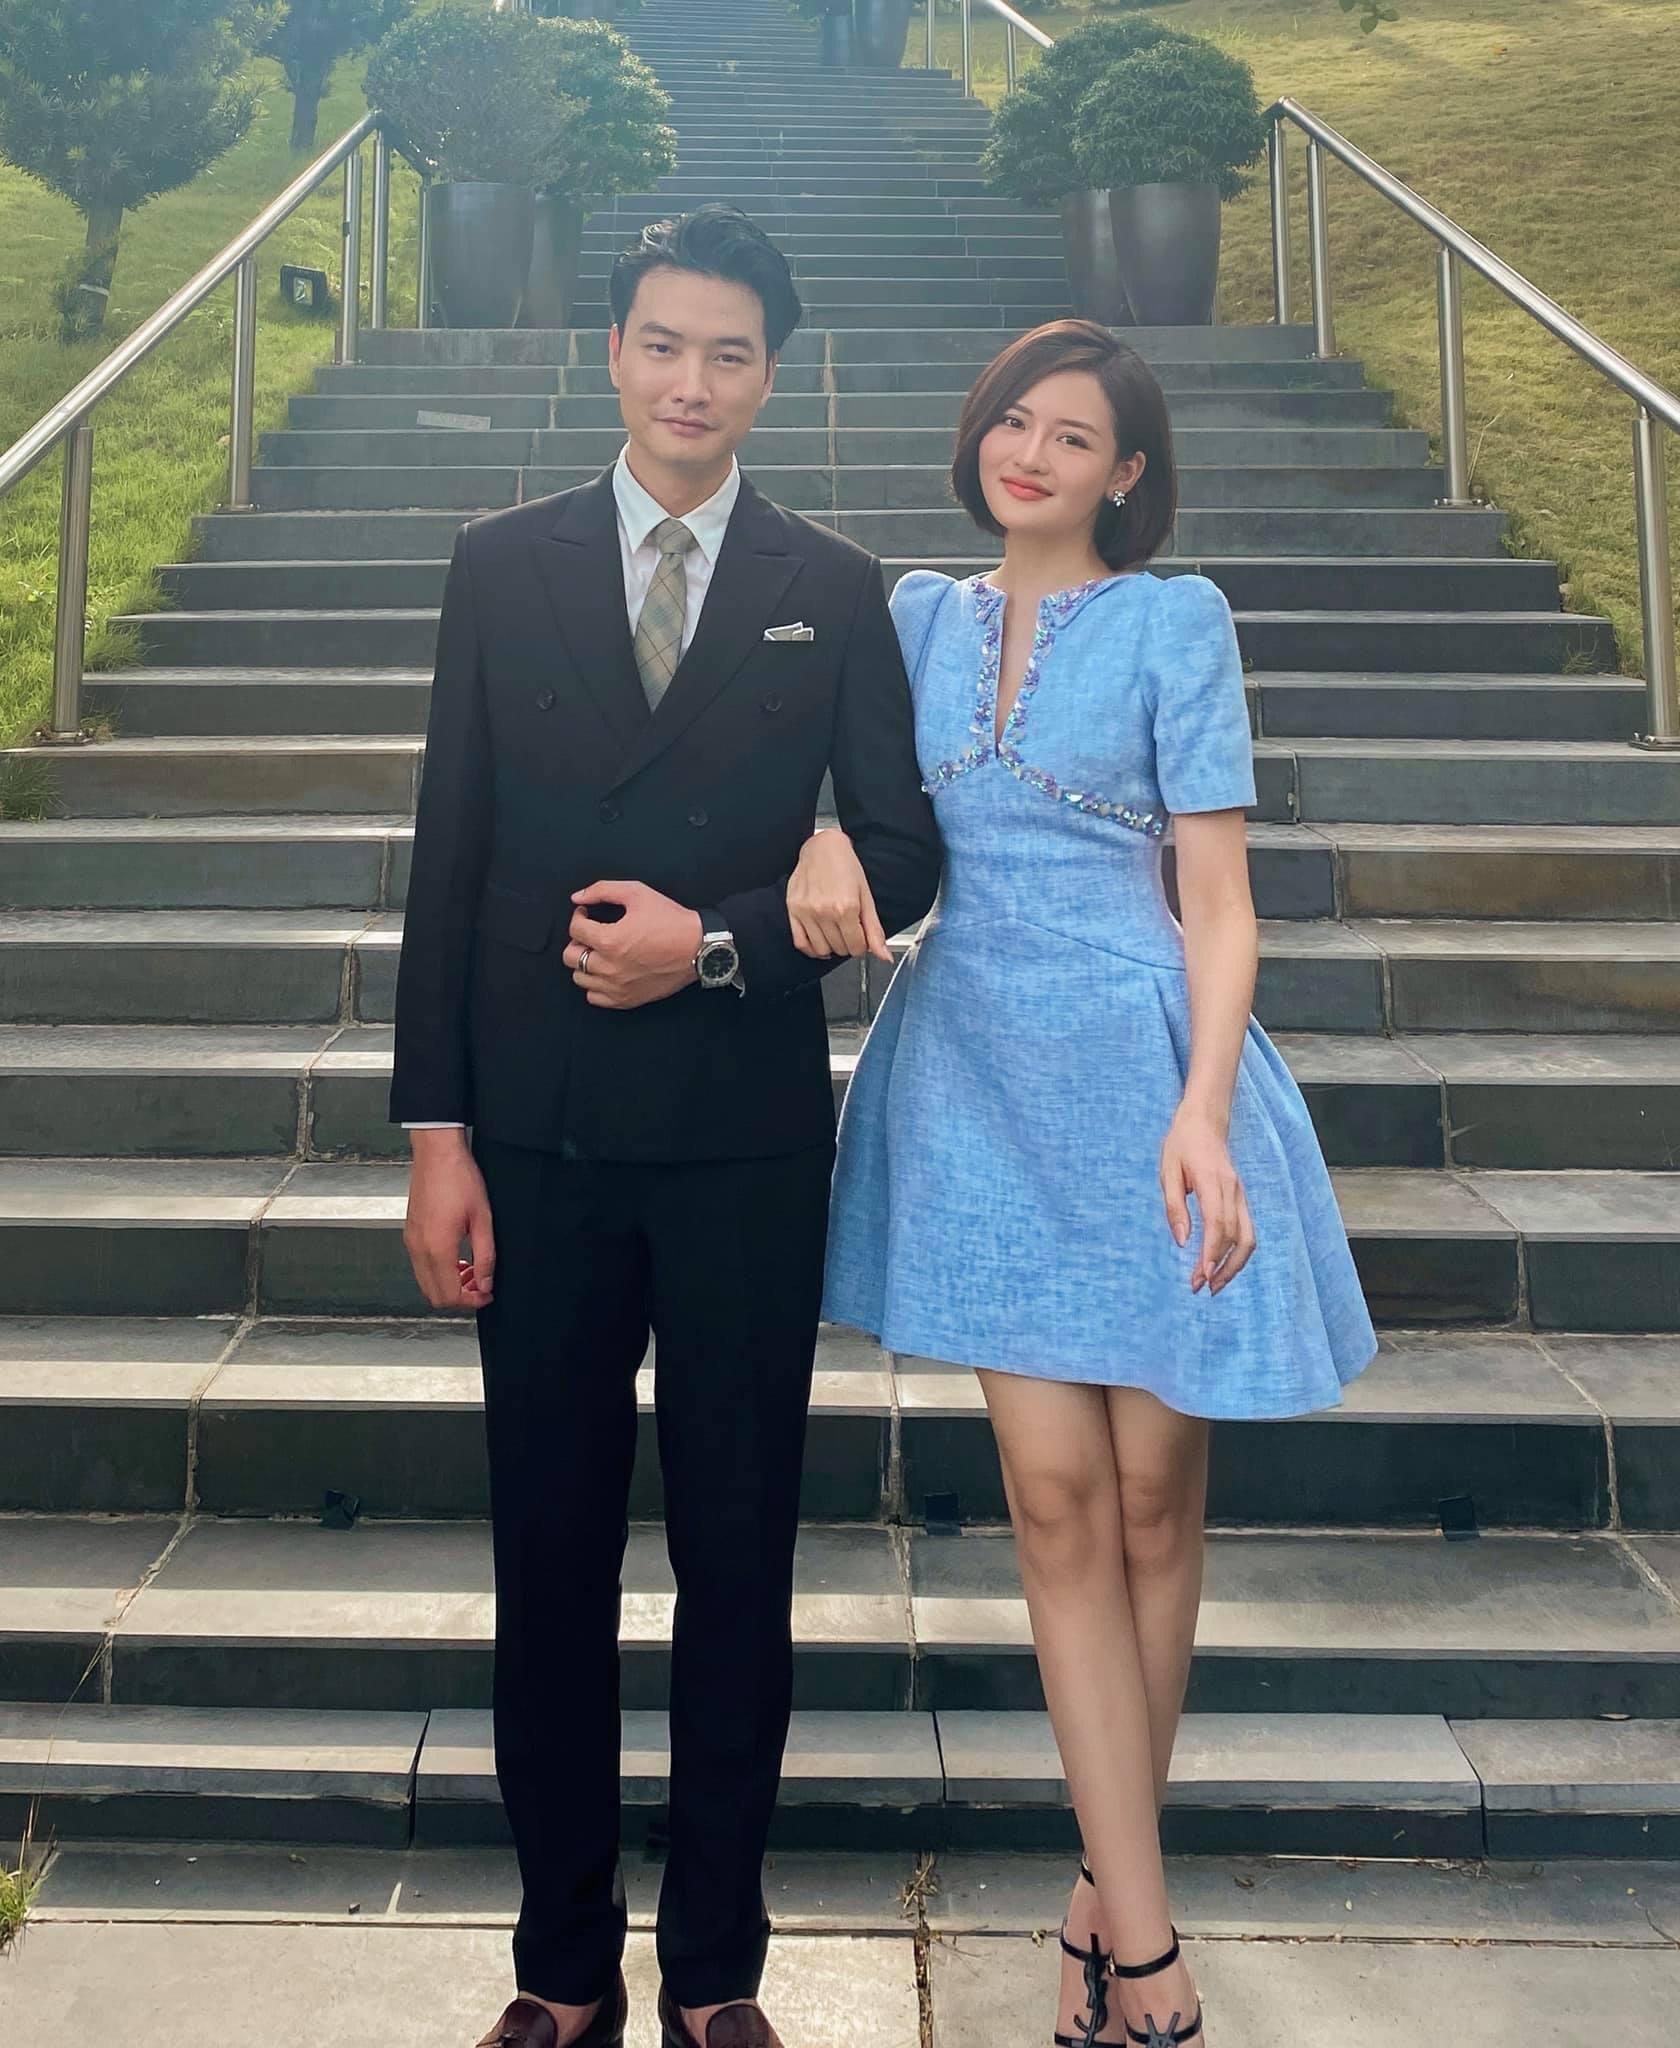 Tình yêu và tham vọng: Cái kết viên mãn